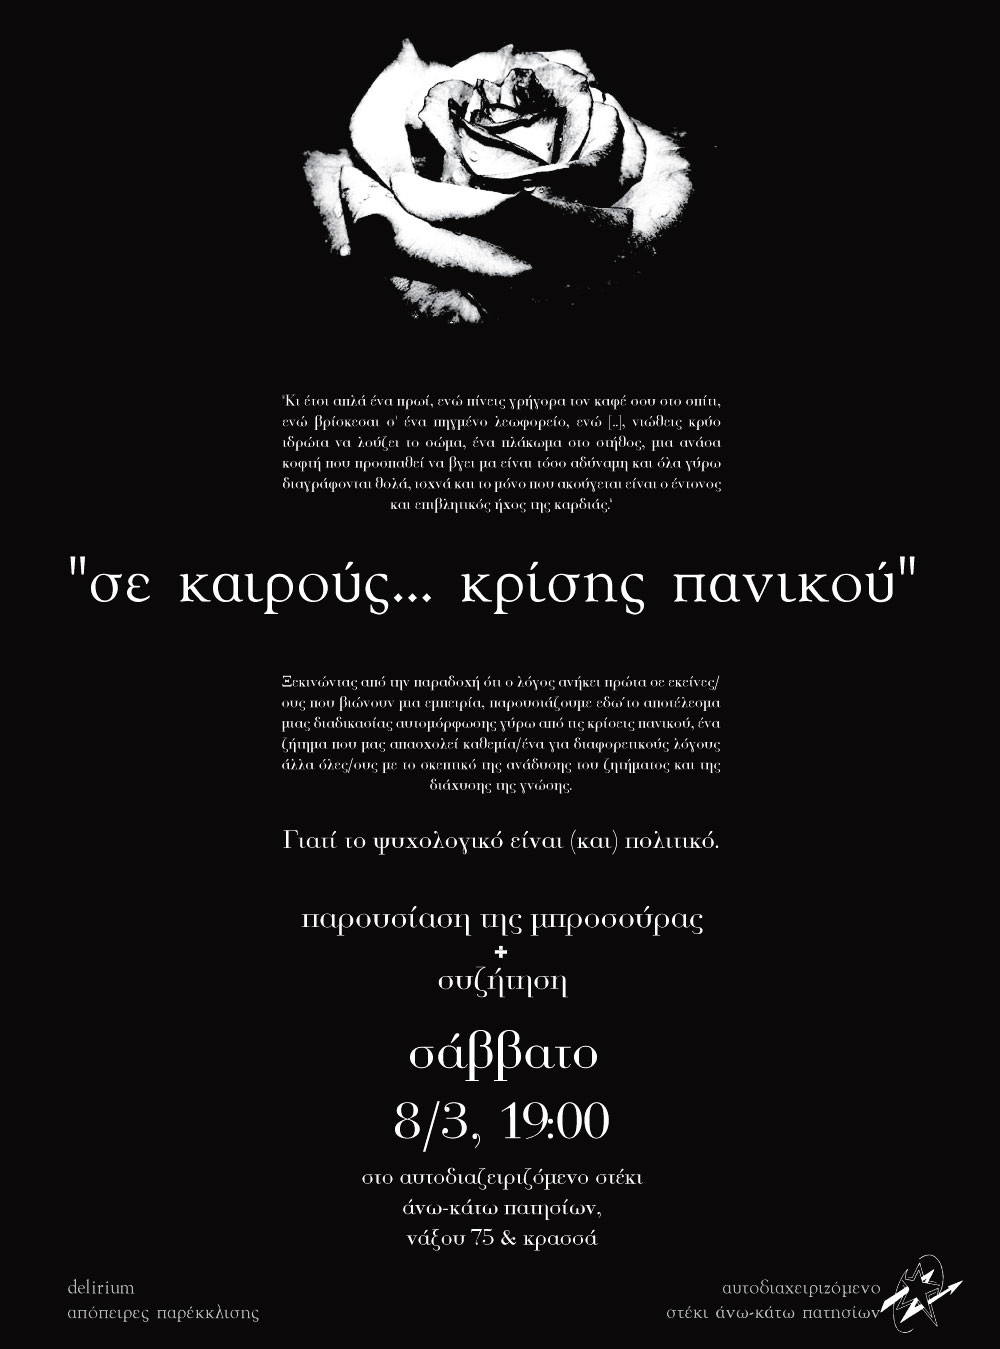 anokato-8-3-14